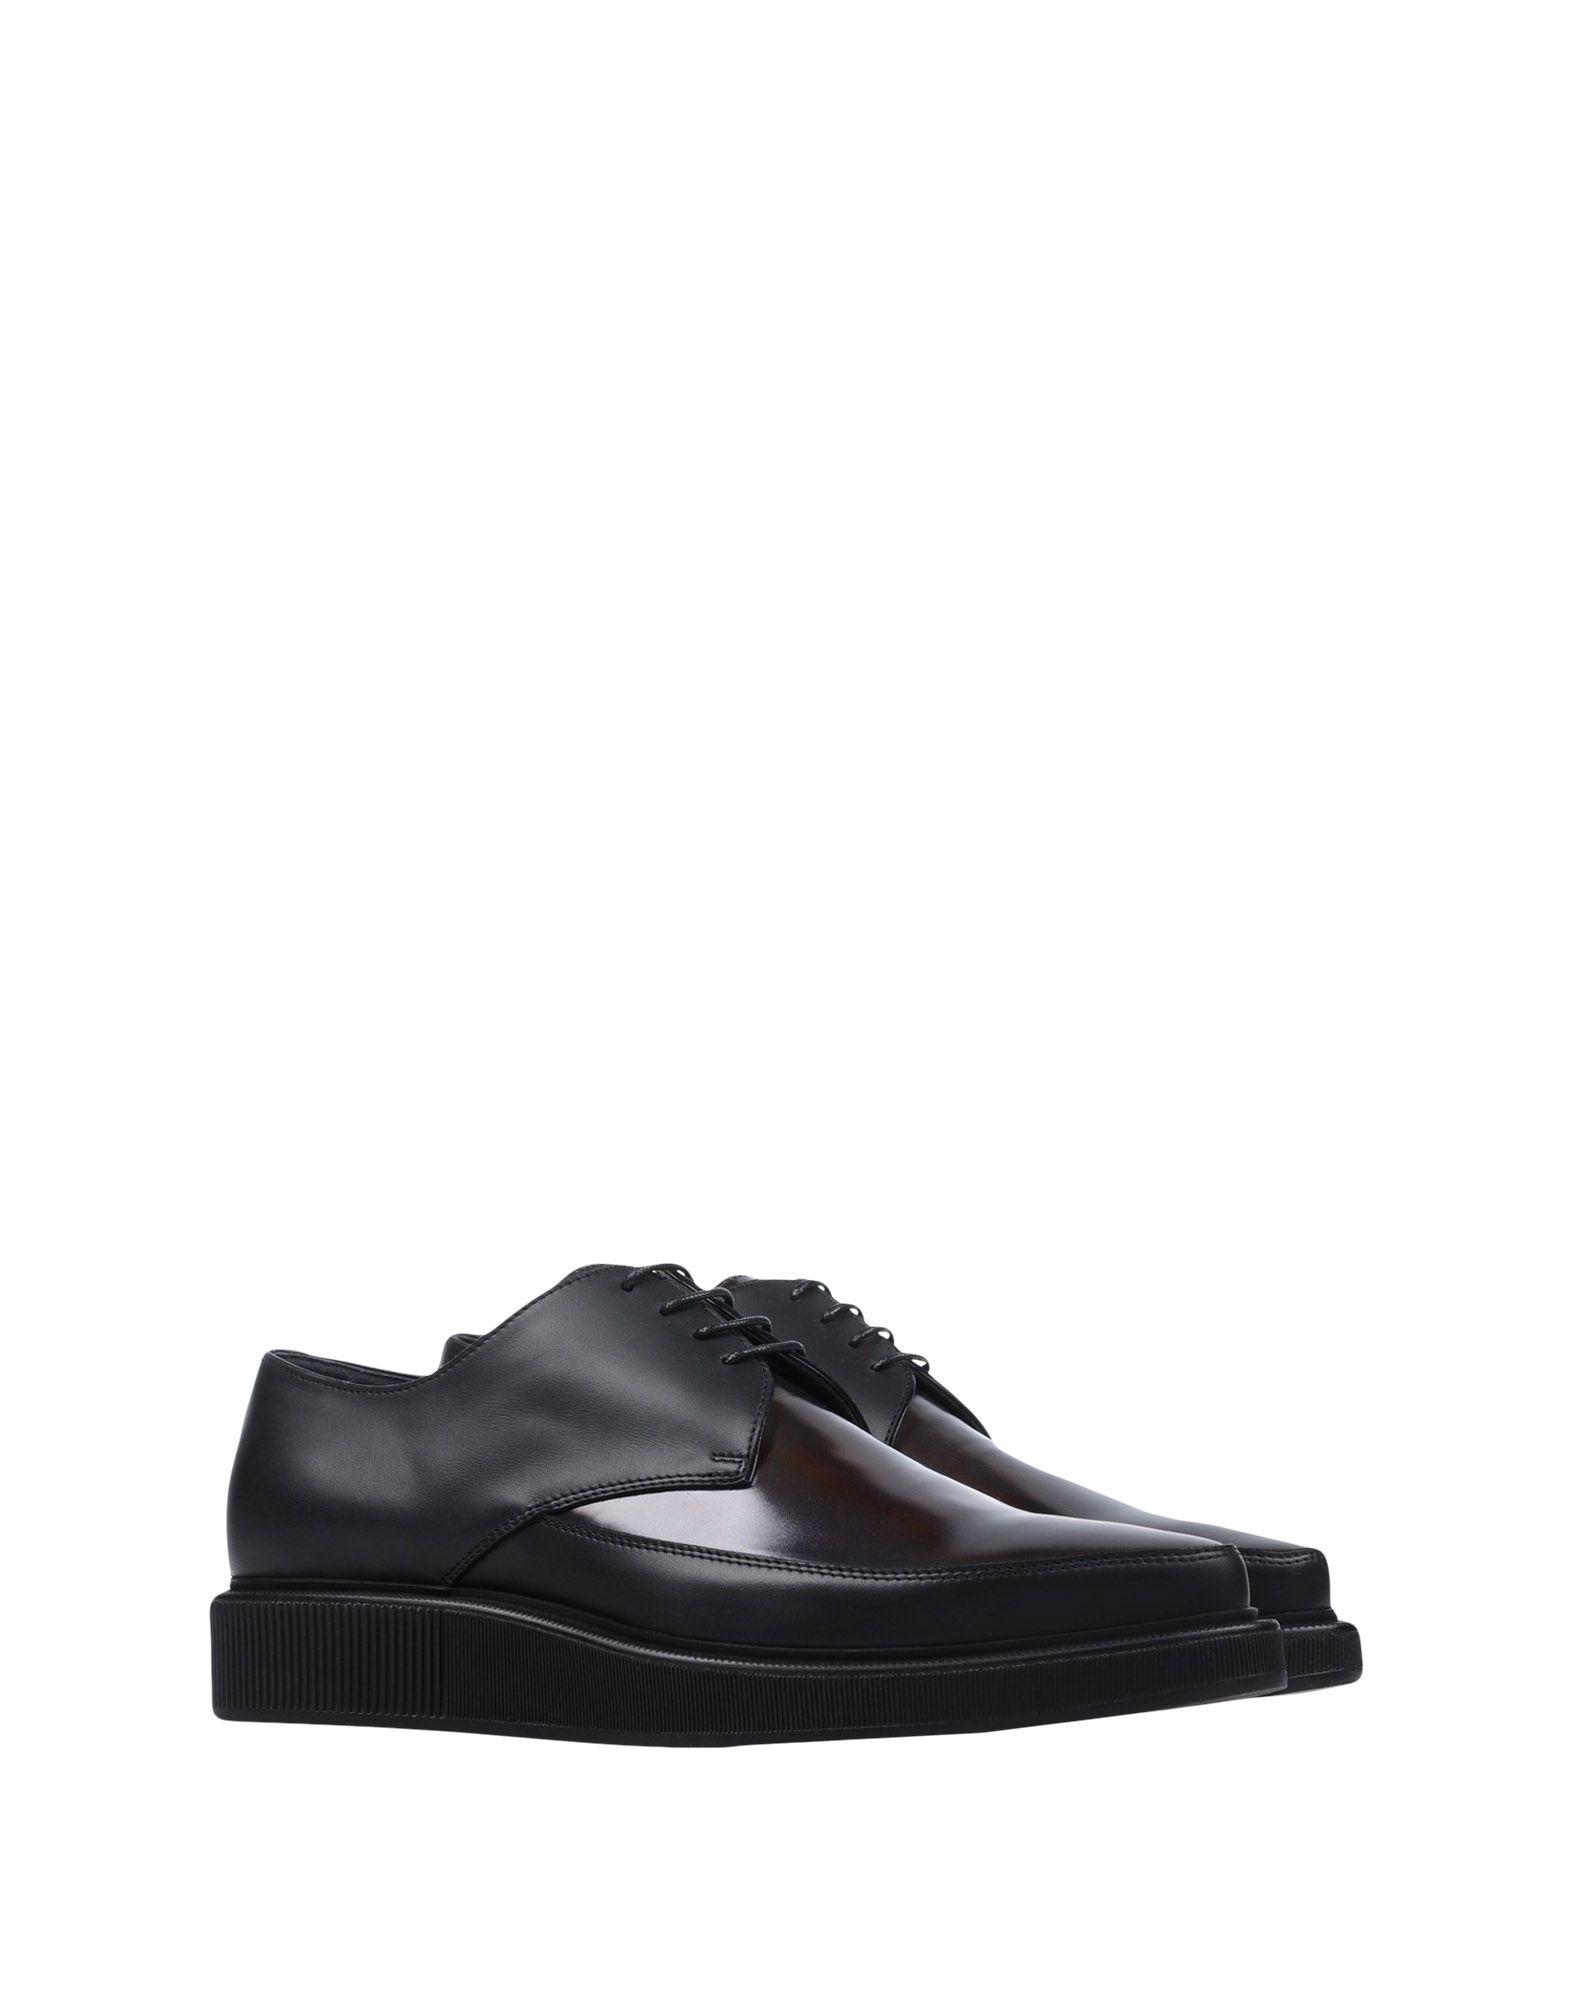 Chaussures À Lacets Lanvin Femme - Chaussures À Lacets Lanvin sur